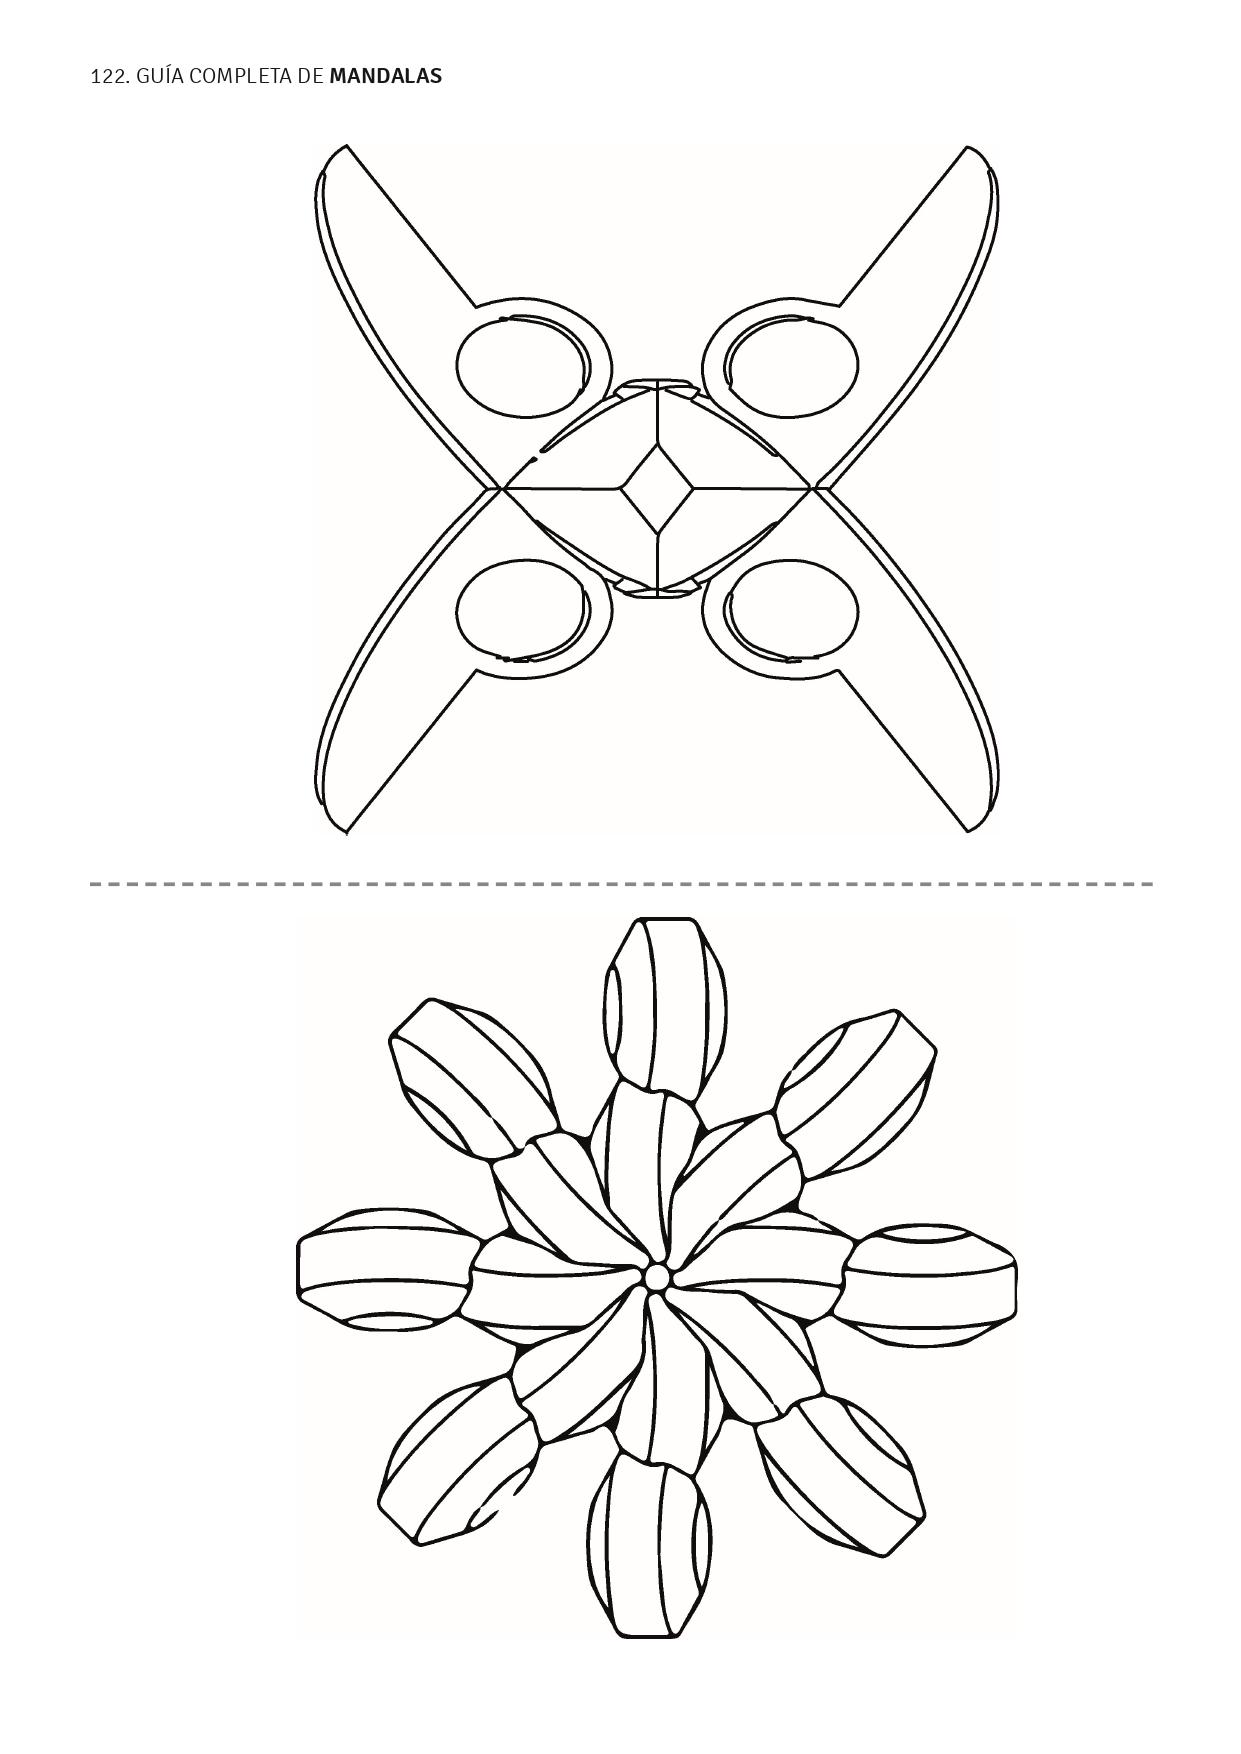 Mandalas para niños - Intermedios_page-0003